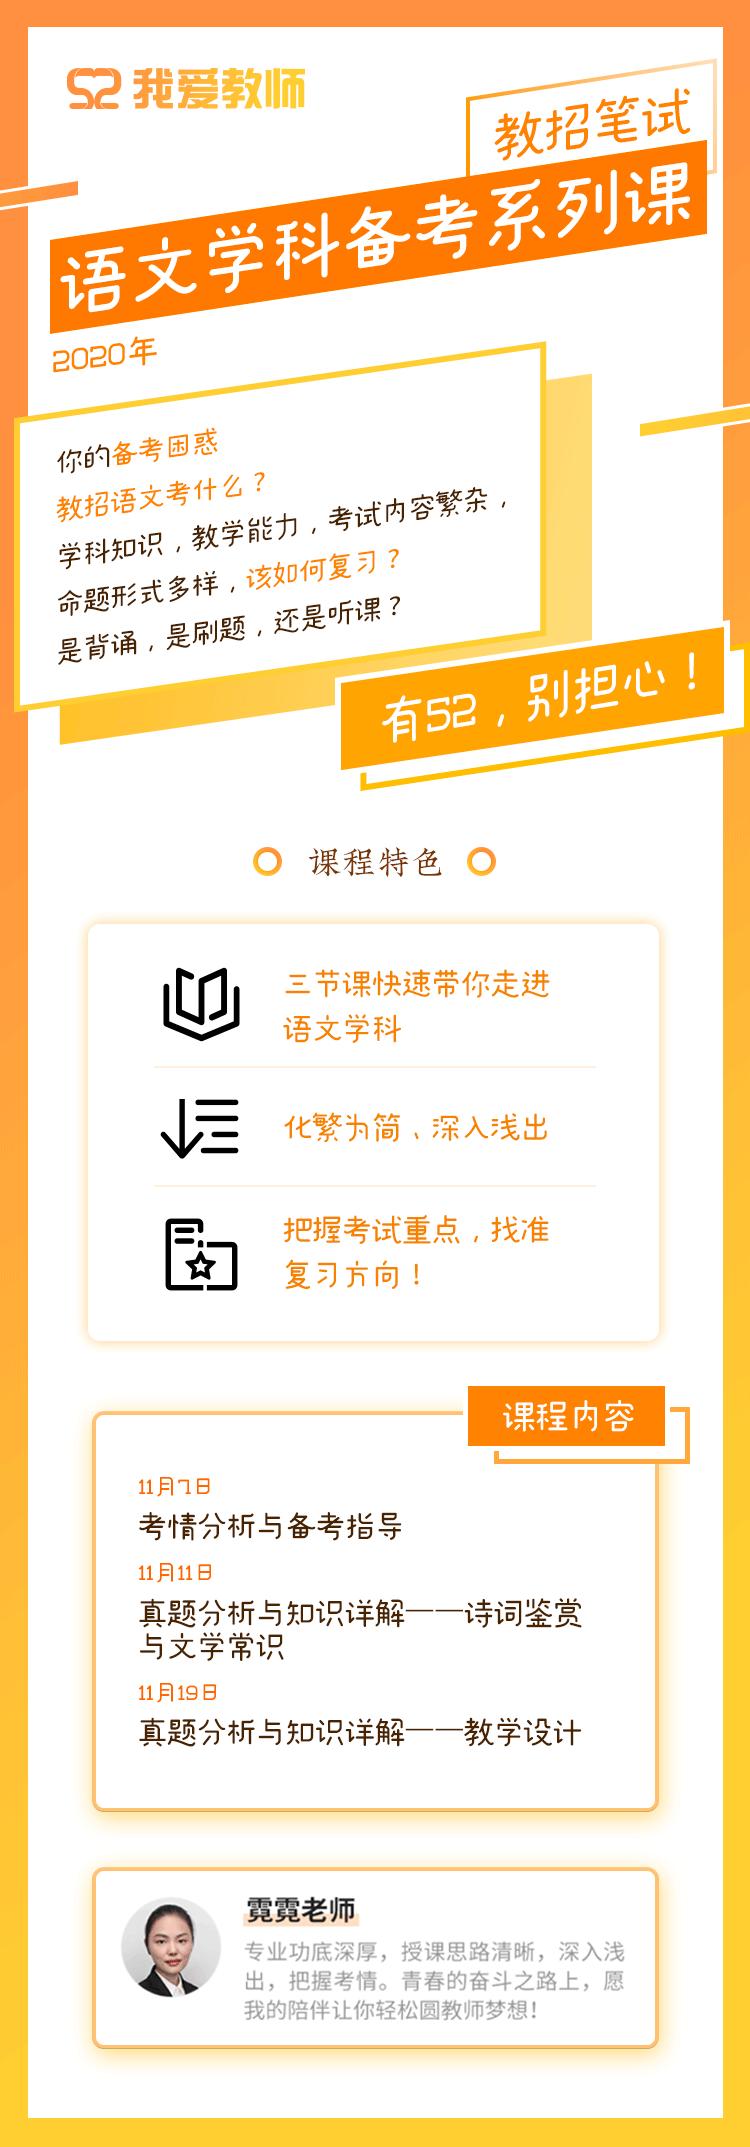 教招笔试-20年语文学科备考系列课.png